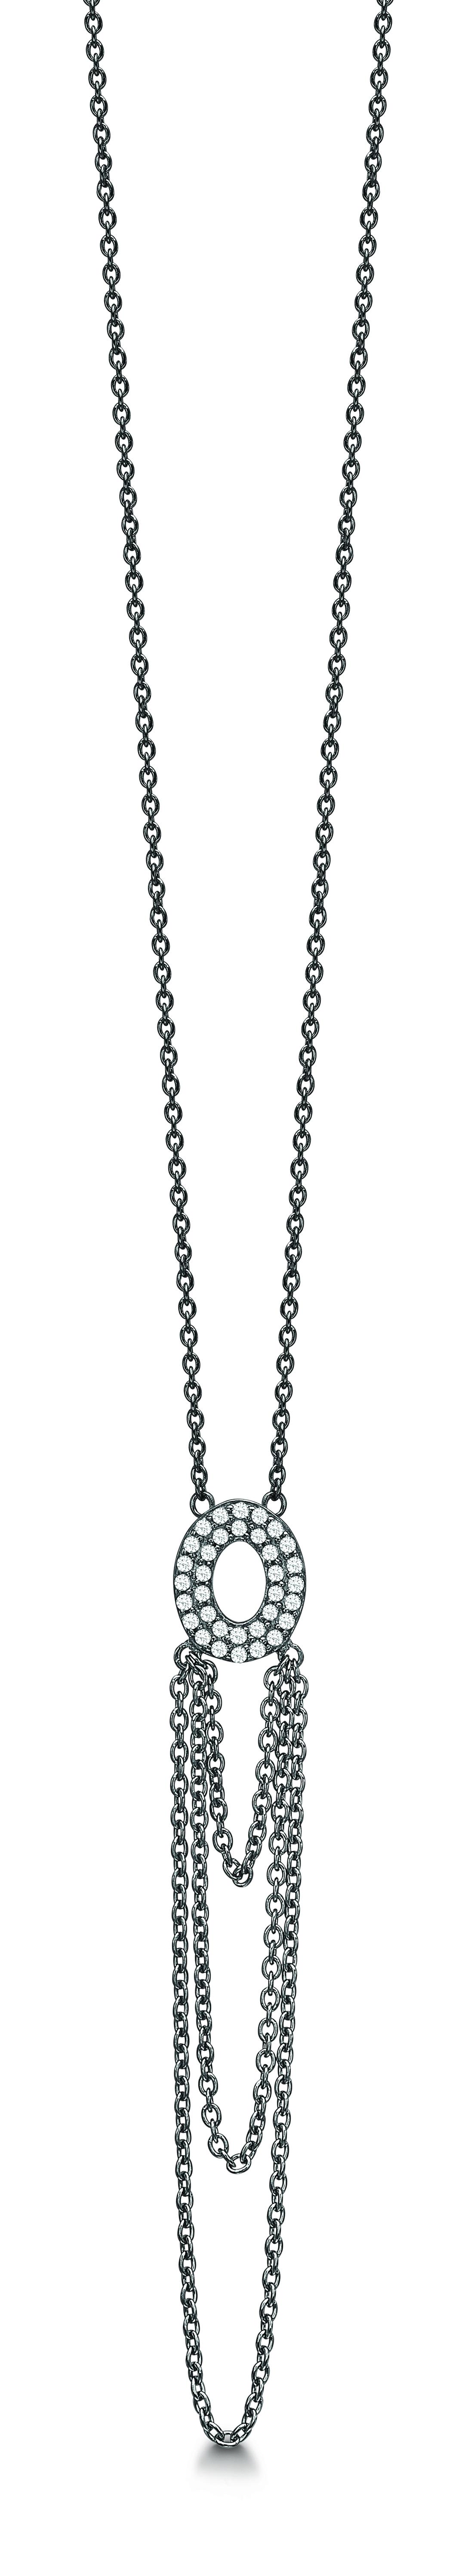 STORY Sølv vedhæng med kæde - 6903199-45